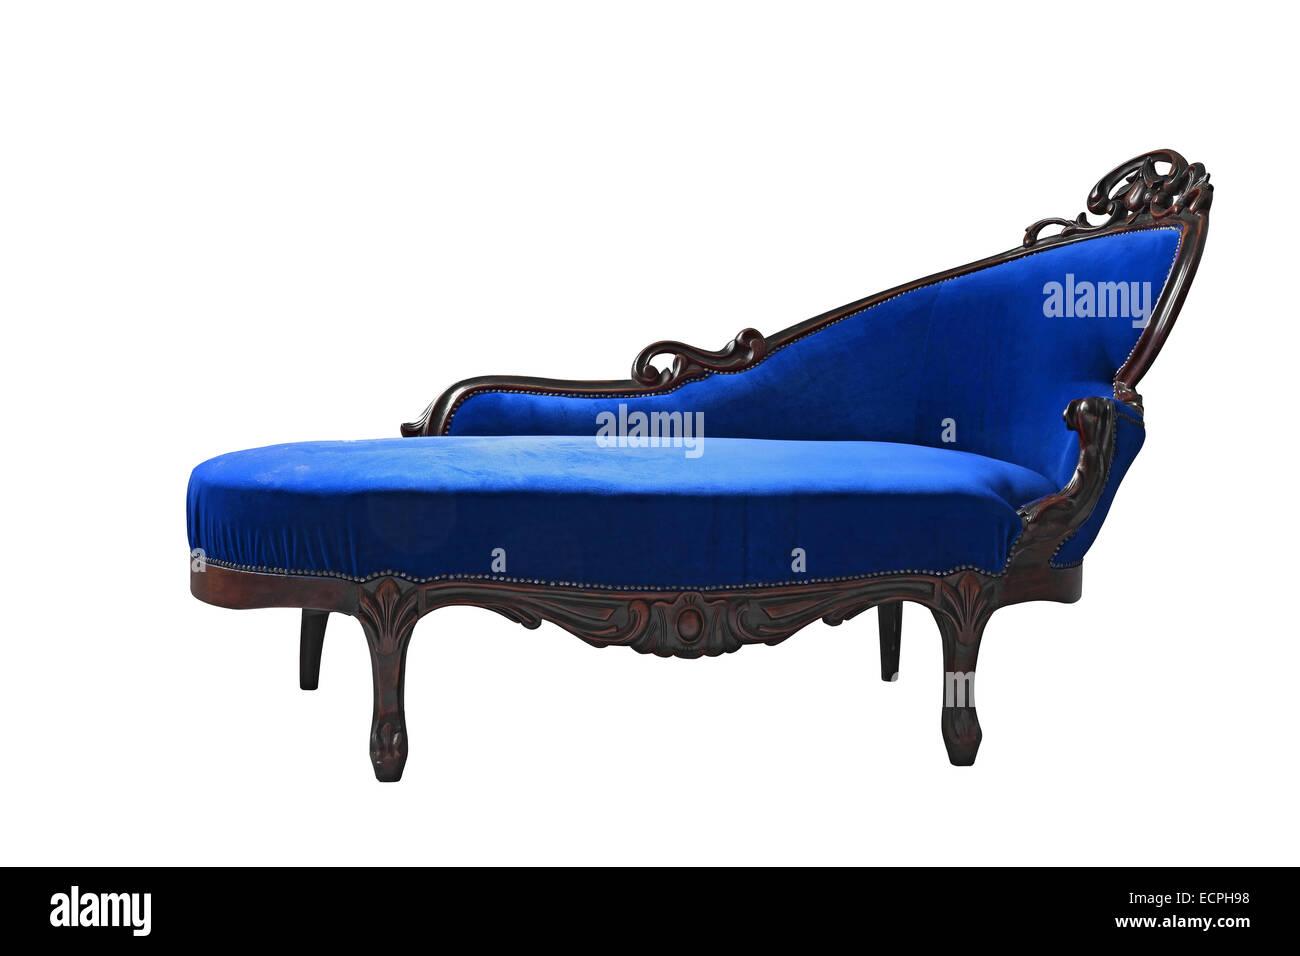 vintage luxury Blue sofa isolated on white background - Stock Image